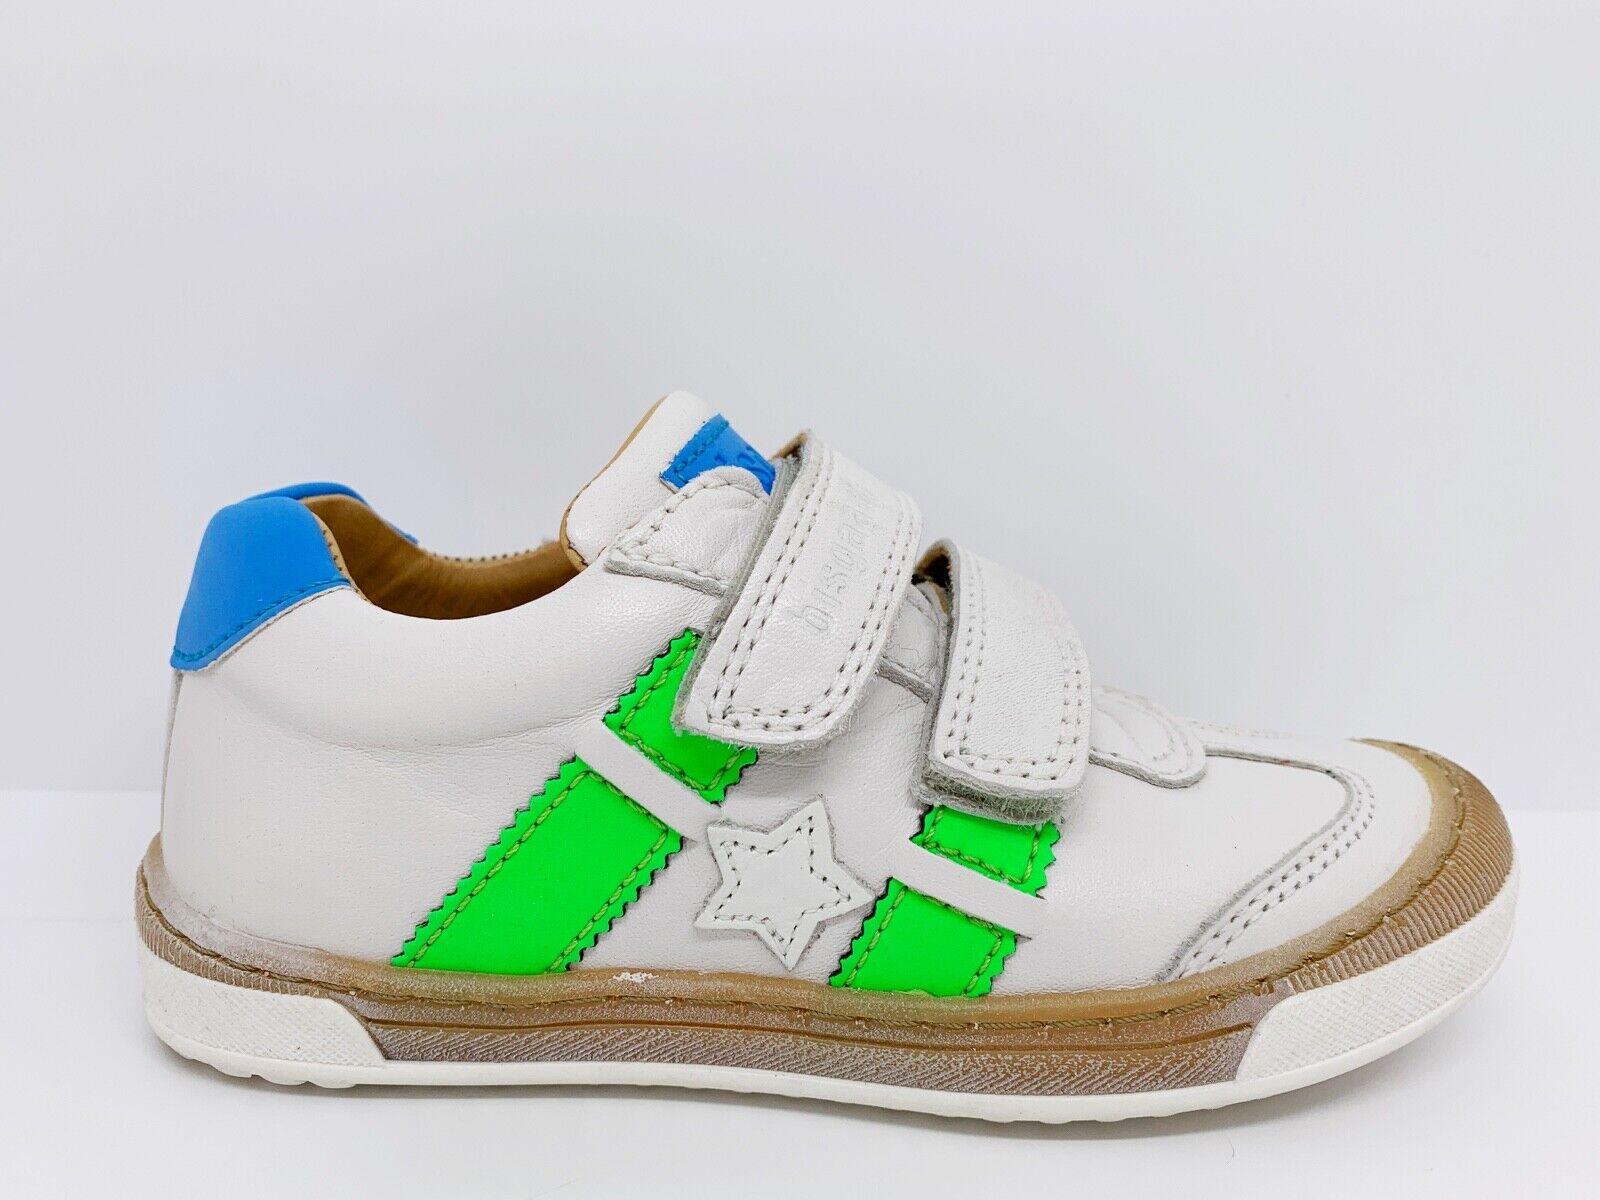 Bisgaard Sneaker, Gr. 29, 30, 32, 34, 35, weiß, grün, NEU, NP ab 94,90 €